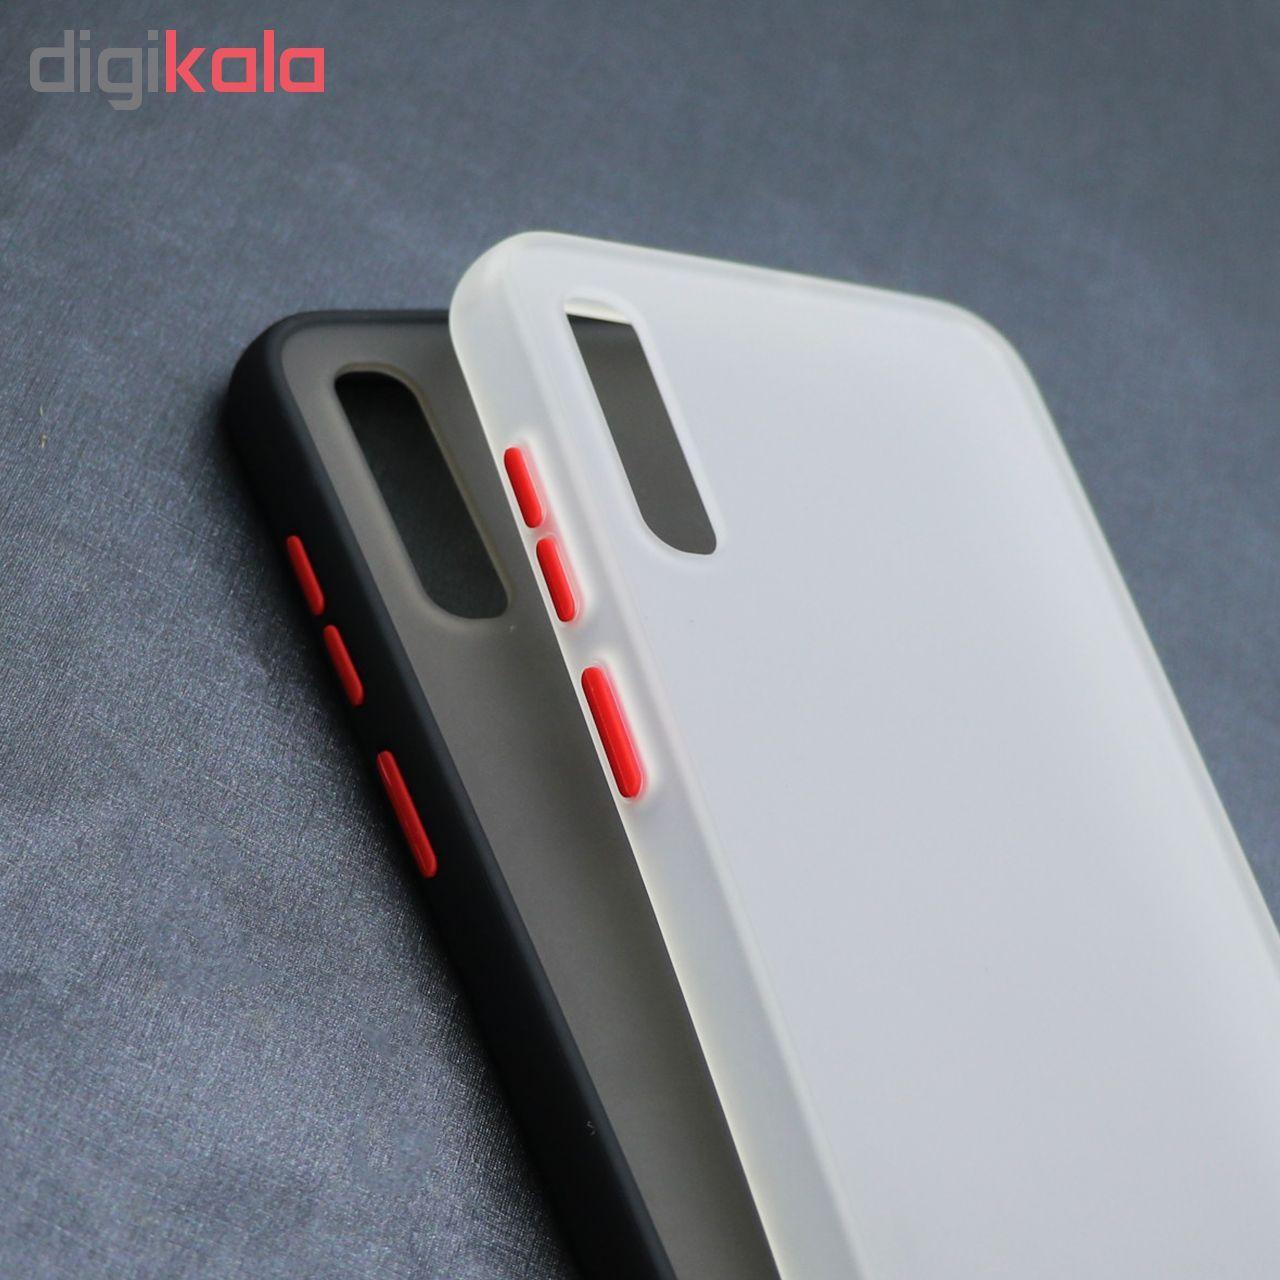 کاور مدل Sb-001 مناسب برای گوشی موبایل سامسونگ Galaxy A70 main 1 2